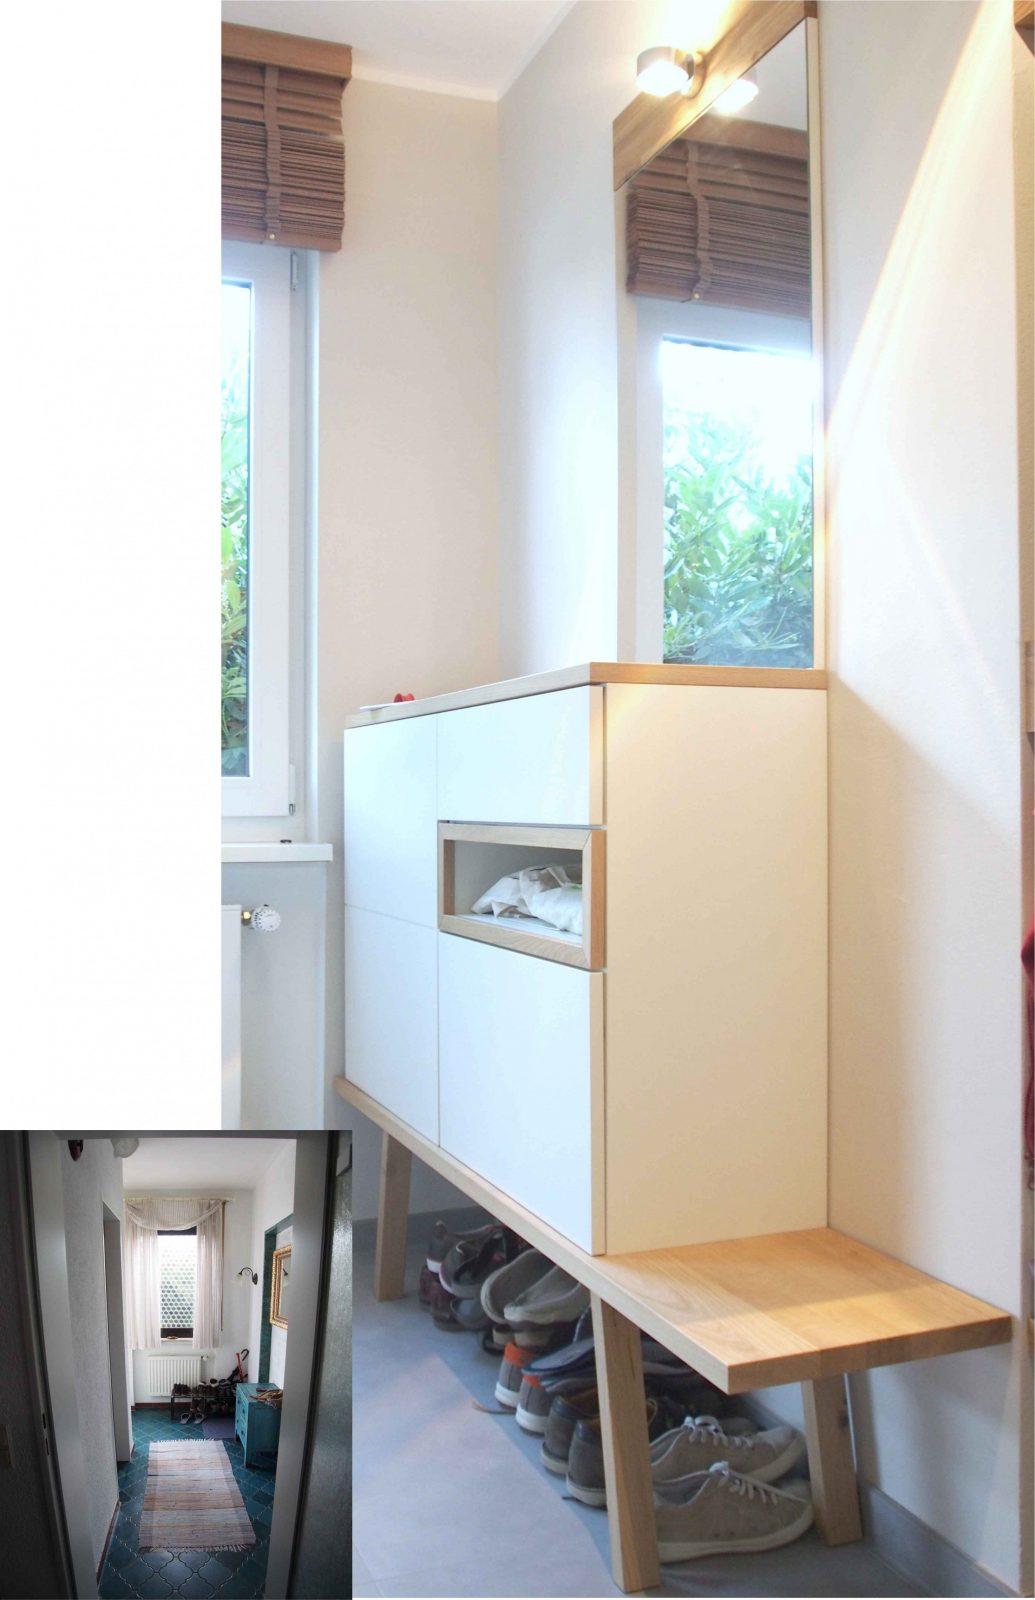 Classy Garderobenlösungen Kleine Räume – Melian Ie Morgan von Garderobe Für Kleine Räume Photo